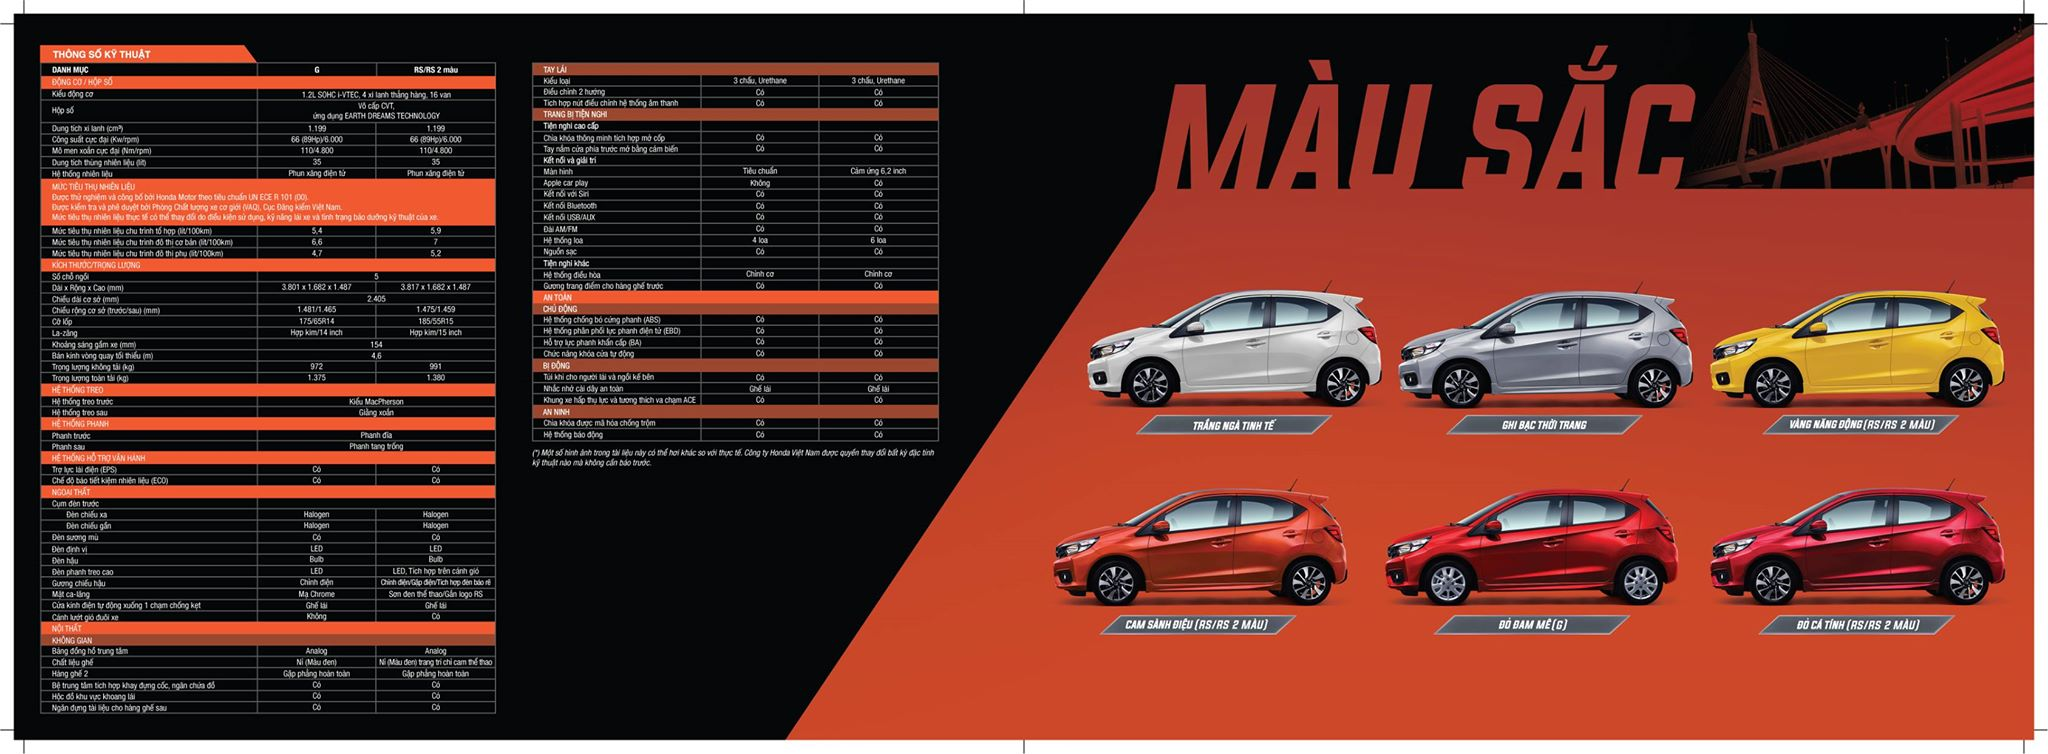 Thông số kỹ thuật Honda Brio 2021 - Honda Ô tô Nha Trang - Honda Ô tô Khánh Hòa - 0905 069 259